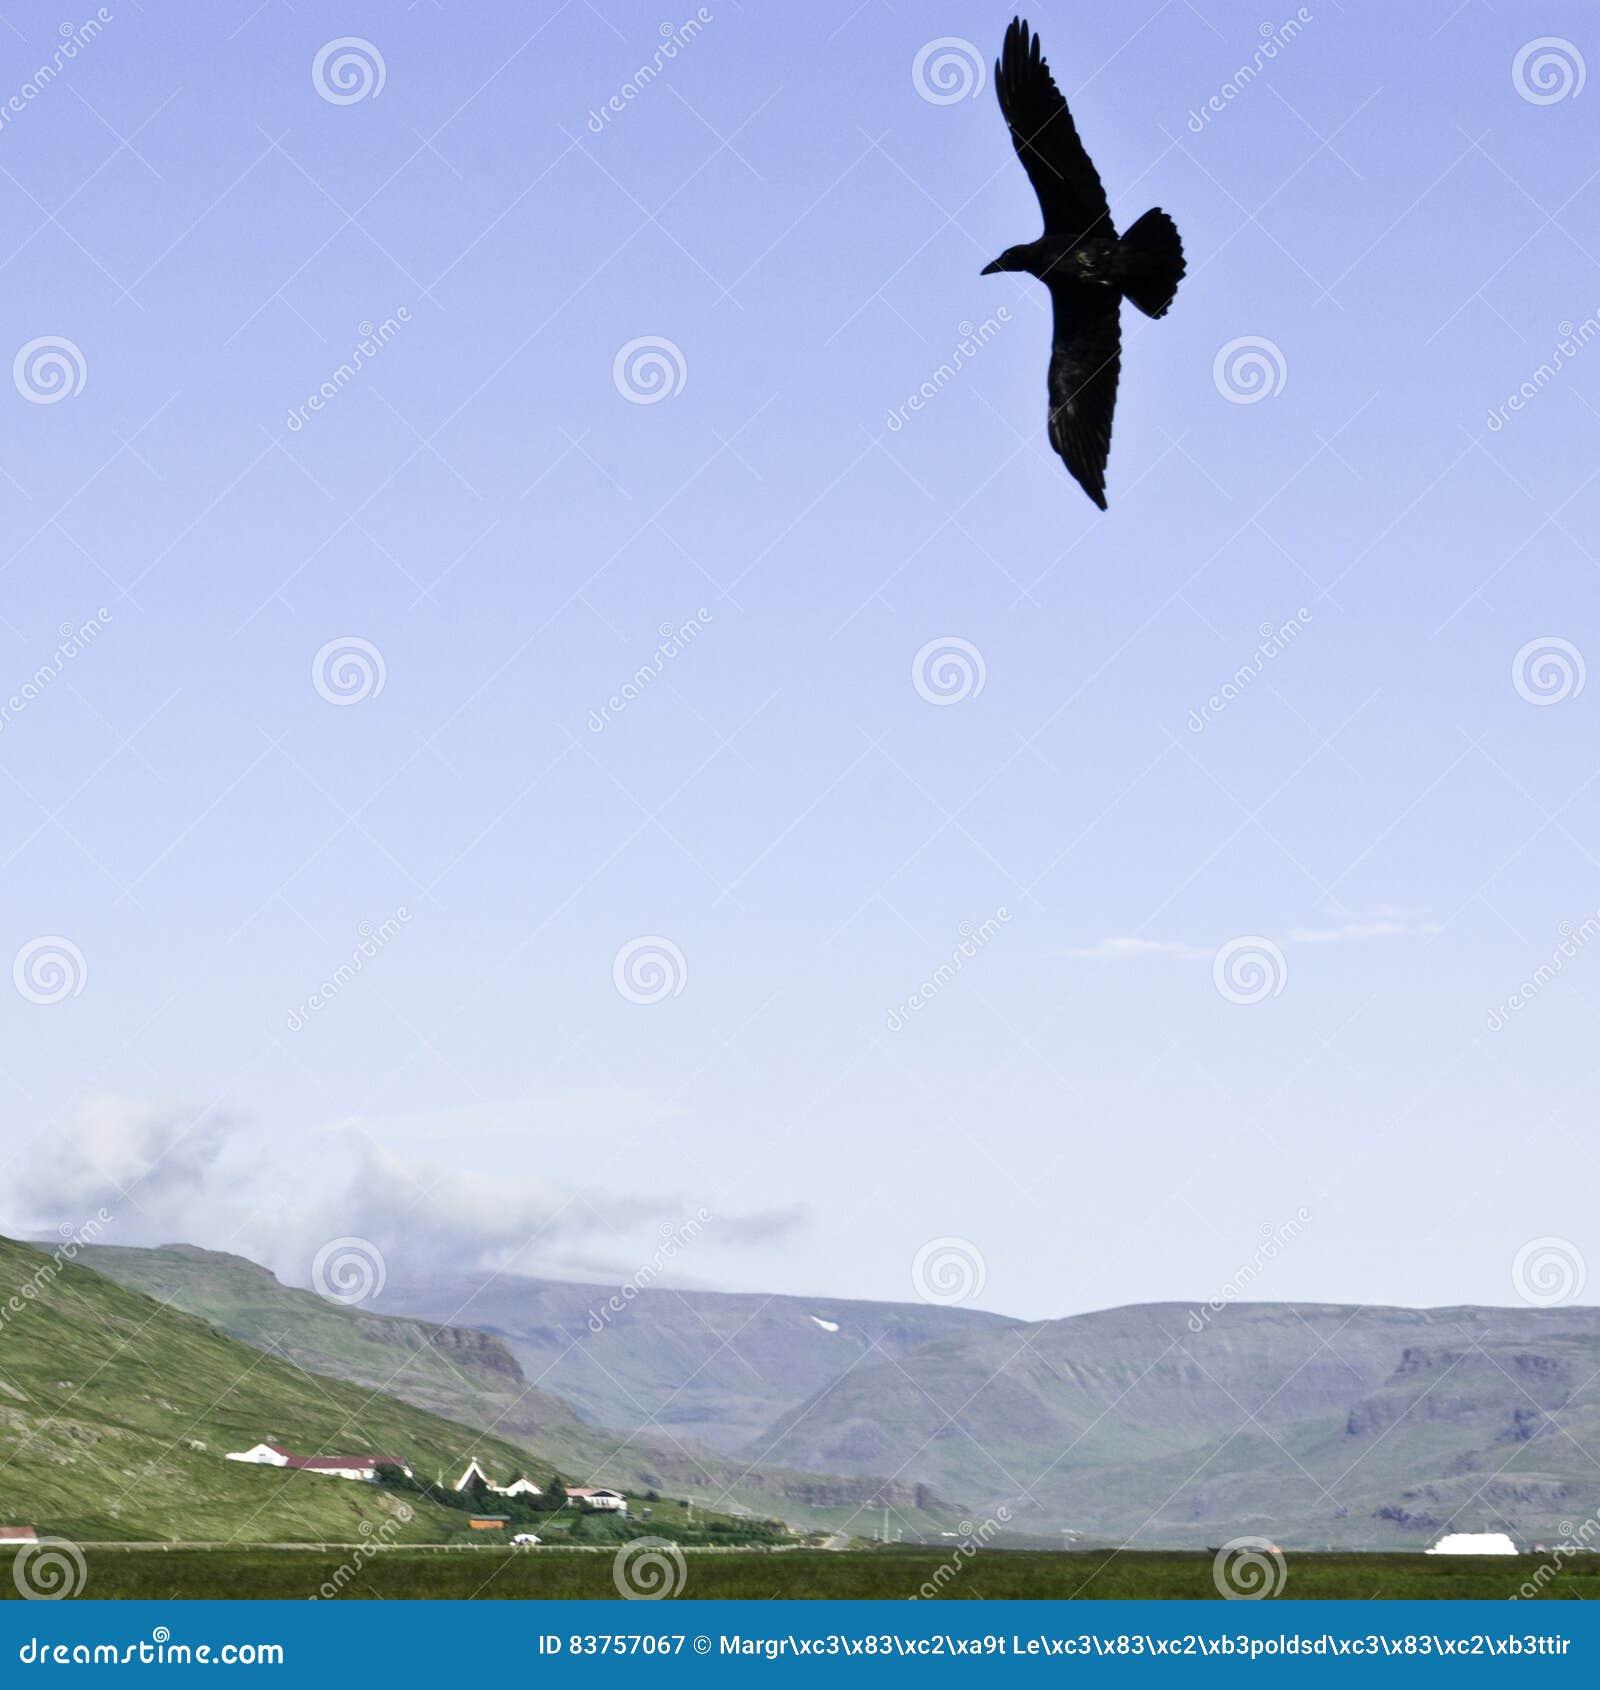 Schwebender Rabe in einem isländischen Tal